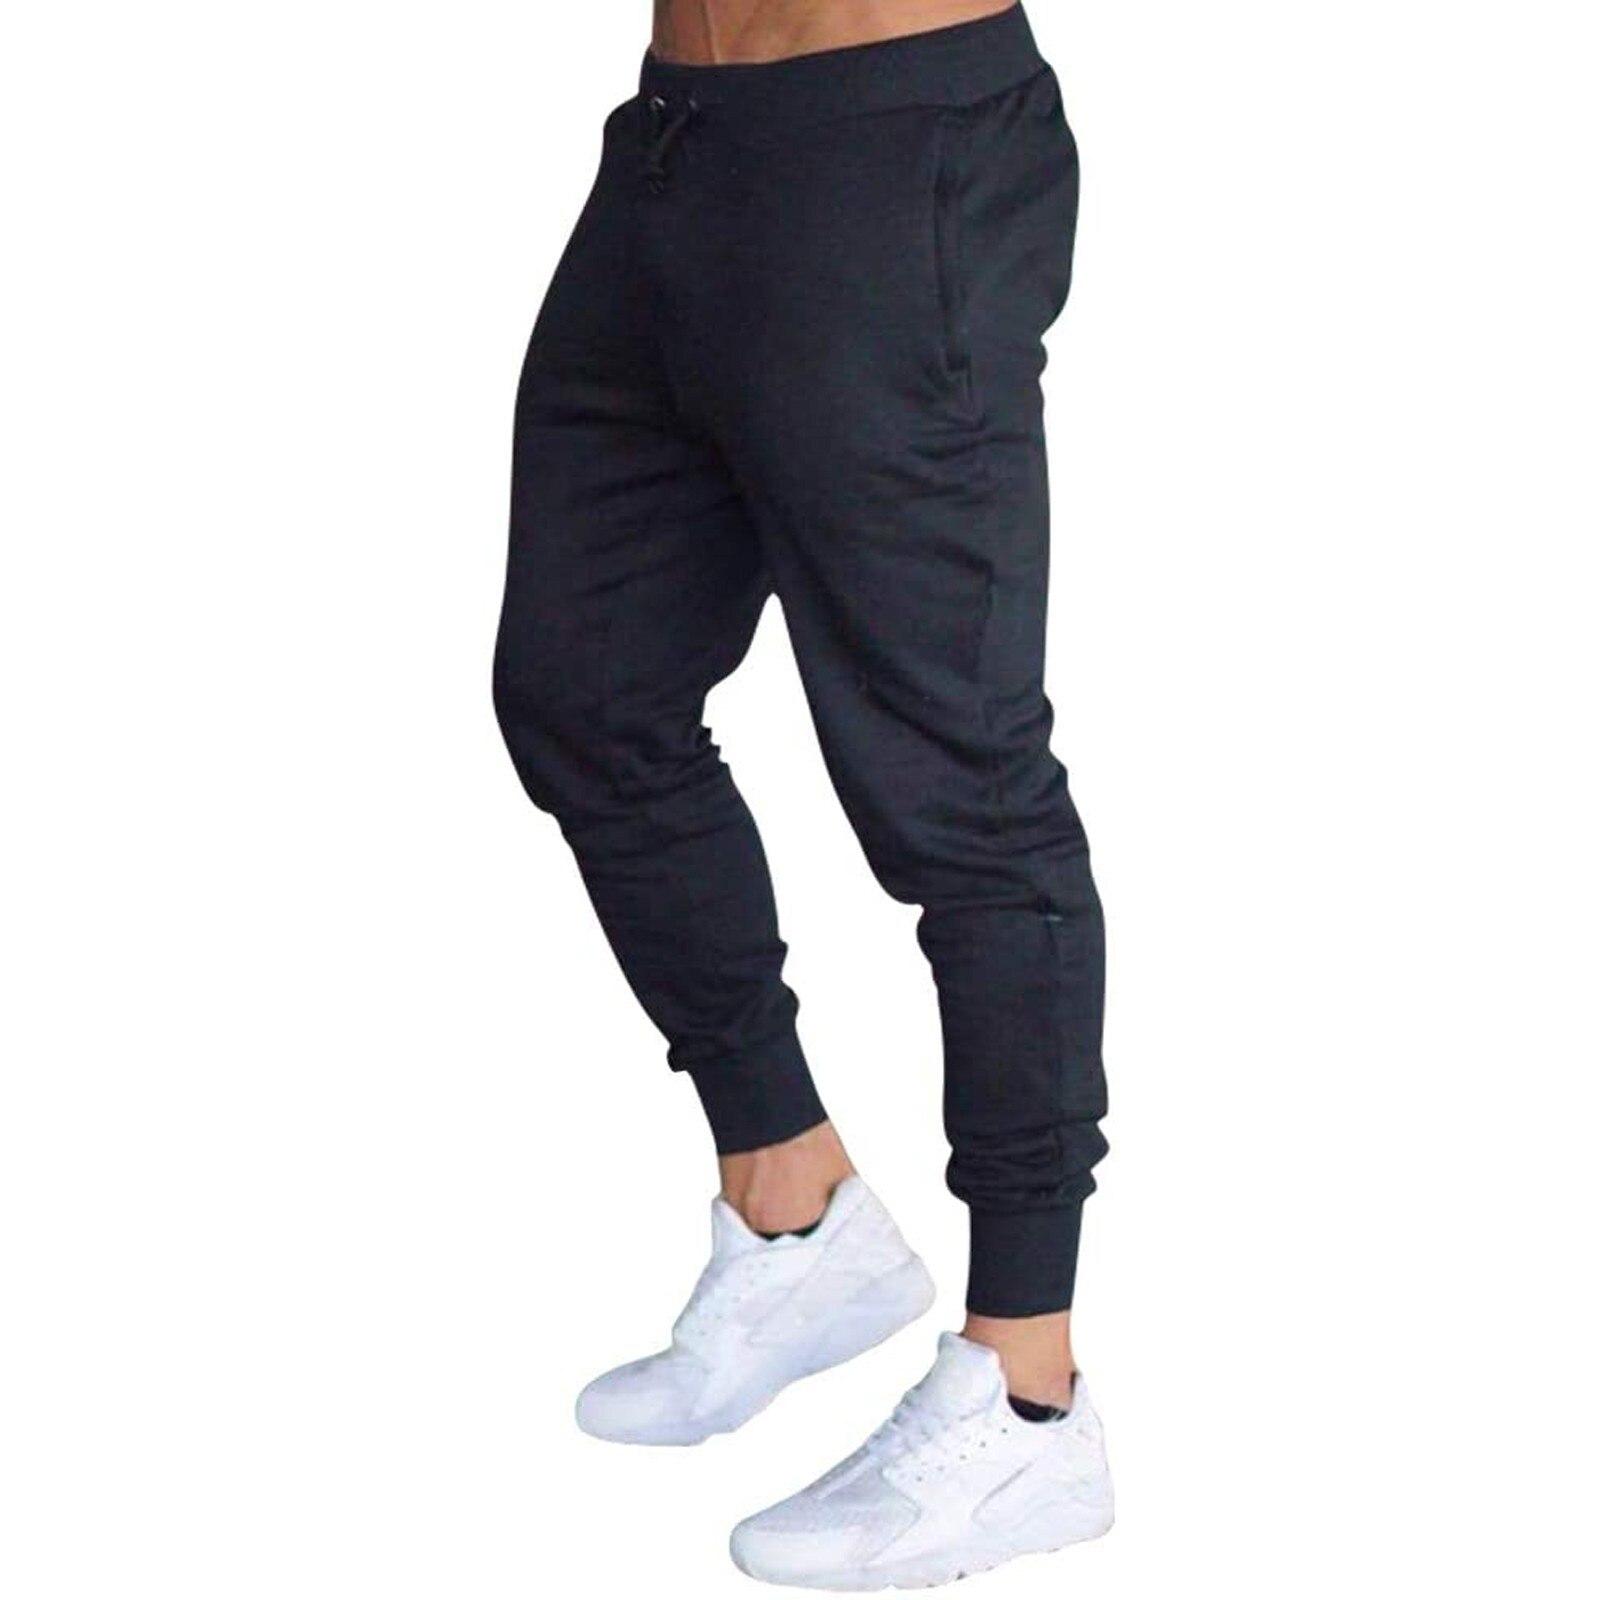 Осенние мужские спортивные штаны для бега, джоггеры, свободные прямые цилиндрические штаны для активного отдыха, тренировок в тренажерном ...